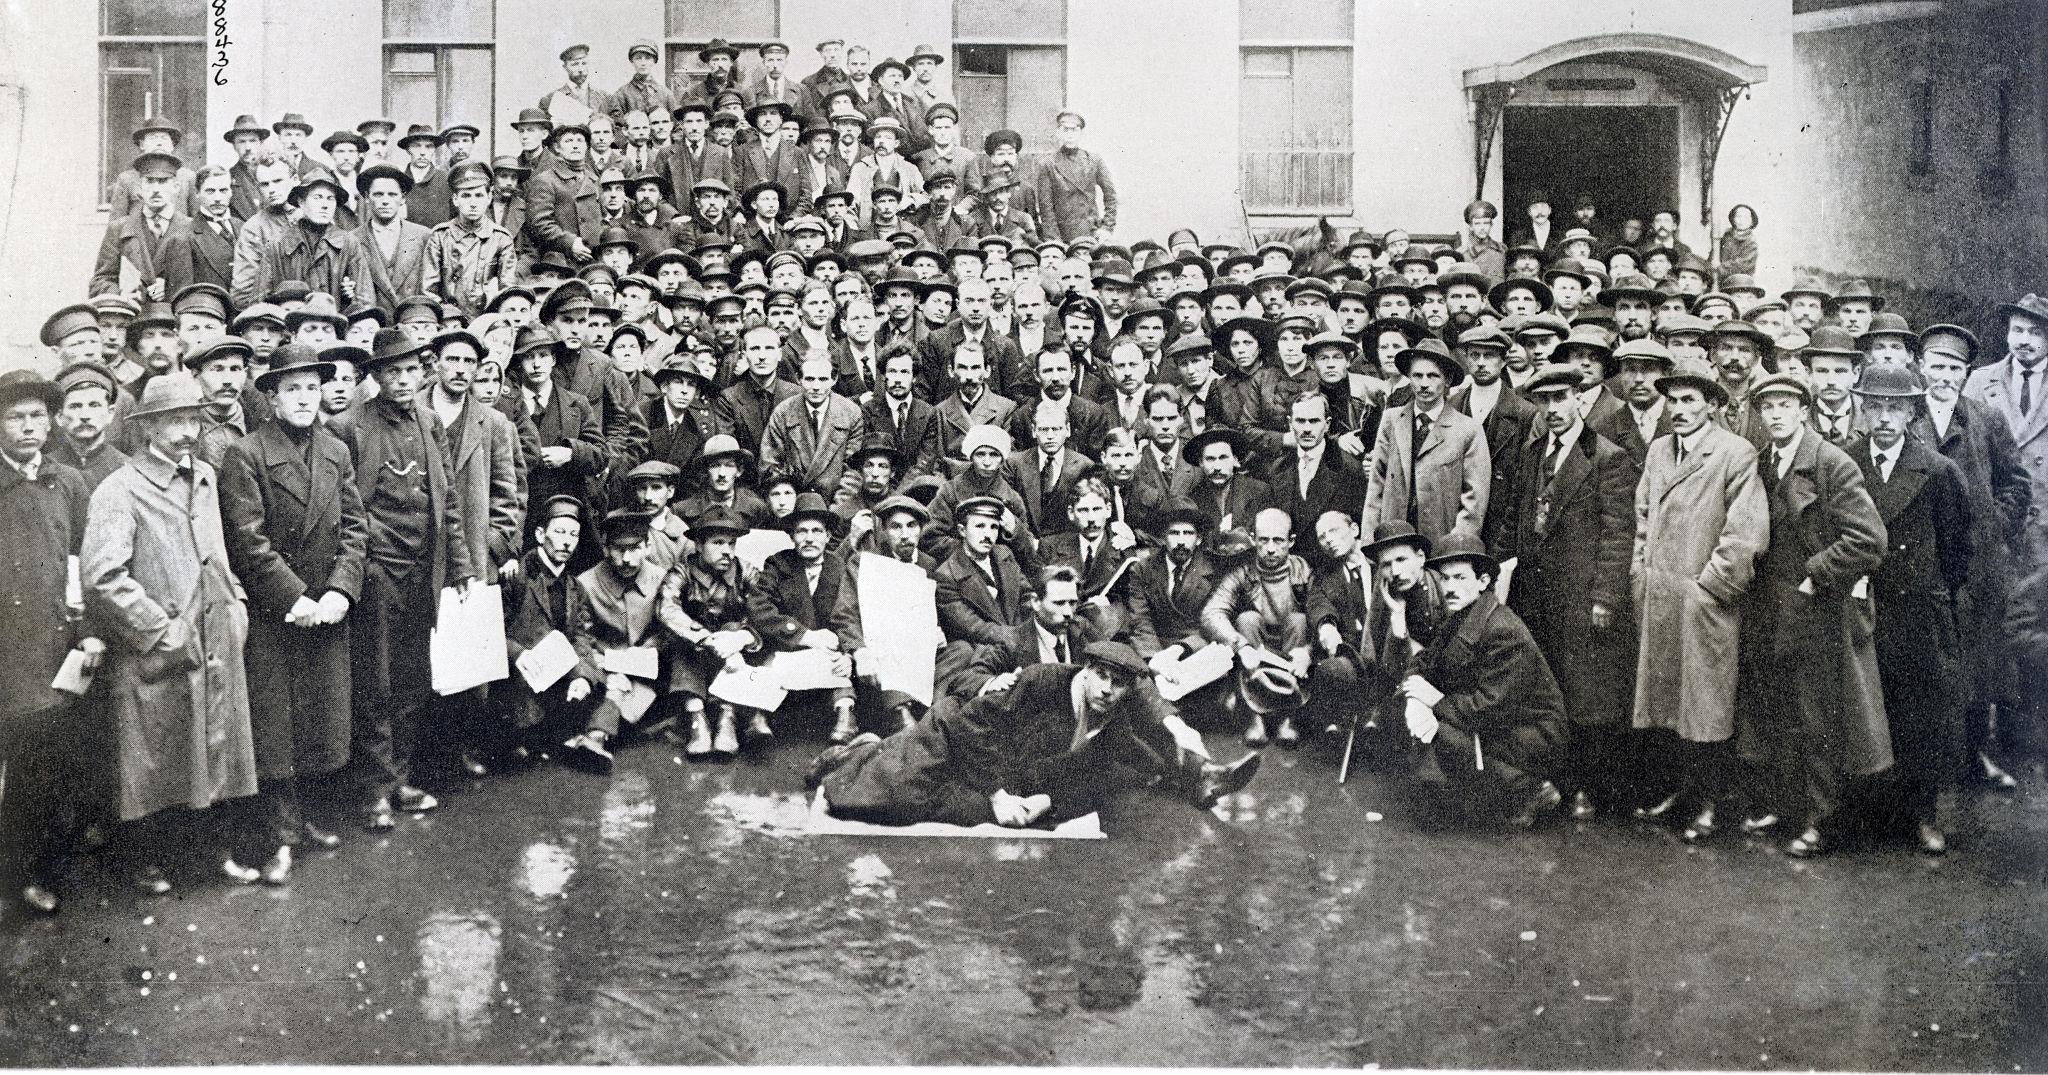 Первый солдатский университет, созданный членами гвардии Таврического дворца